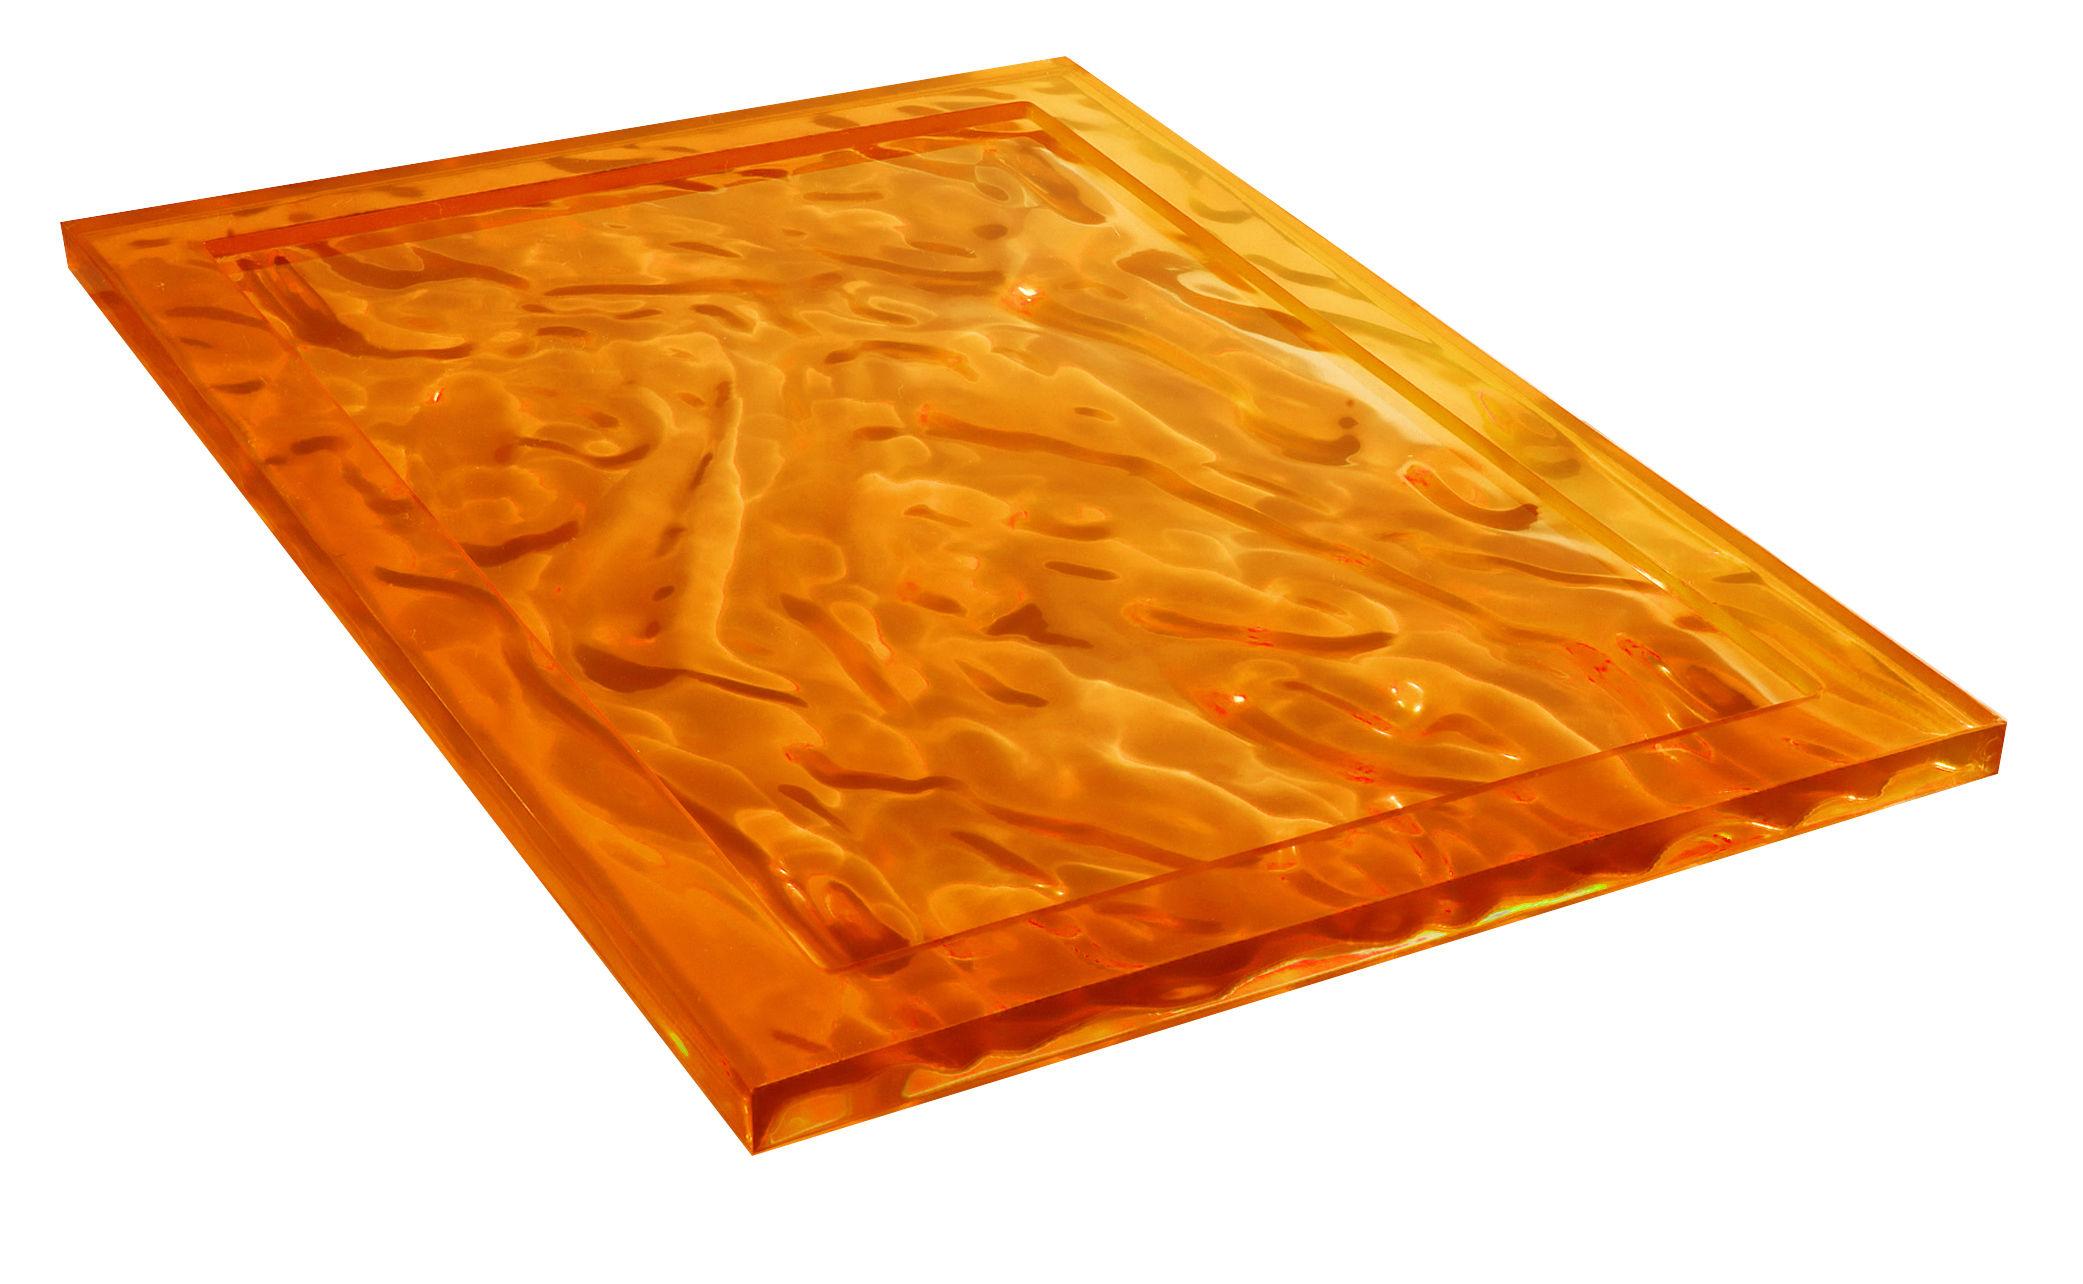 Arts de la table - Plateaux - Plateau Dune / 46 x 32 cm - Kartell - Orange - Technopolymère